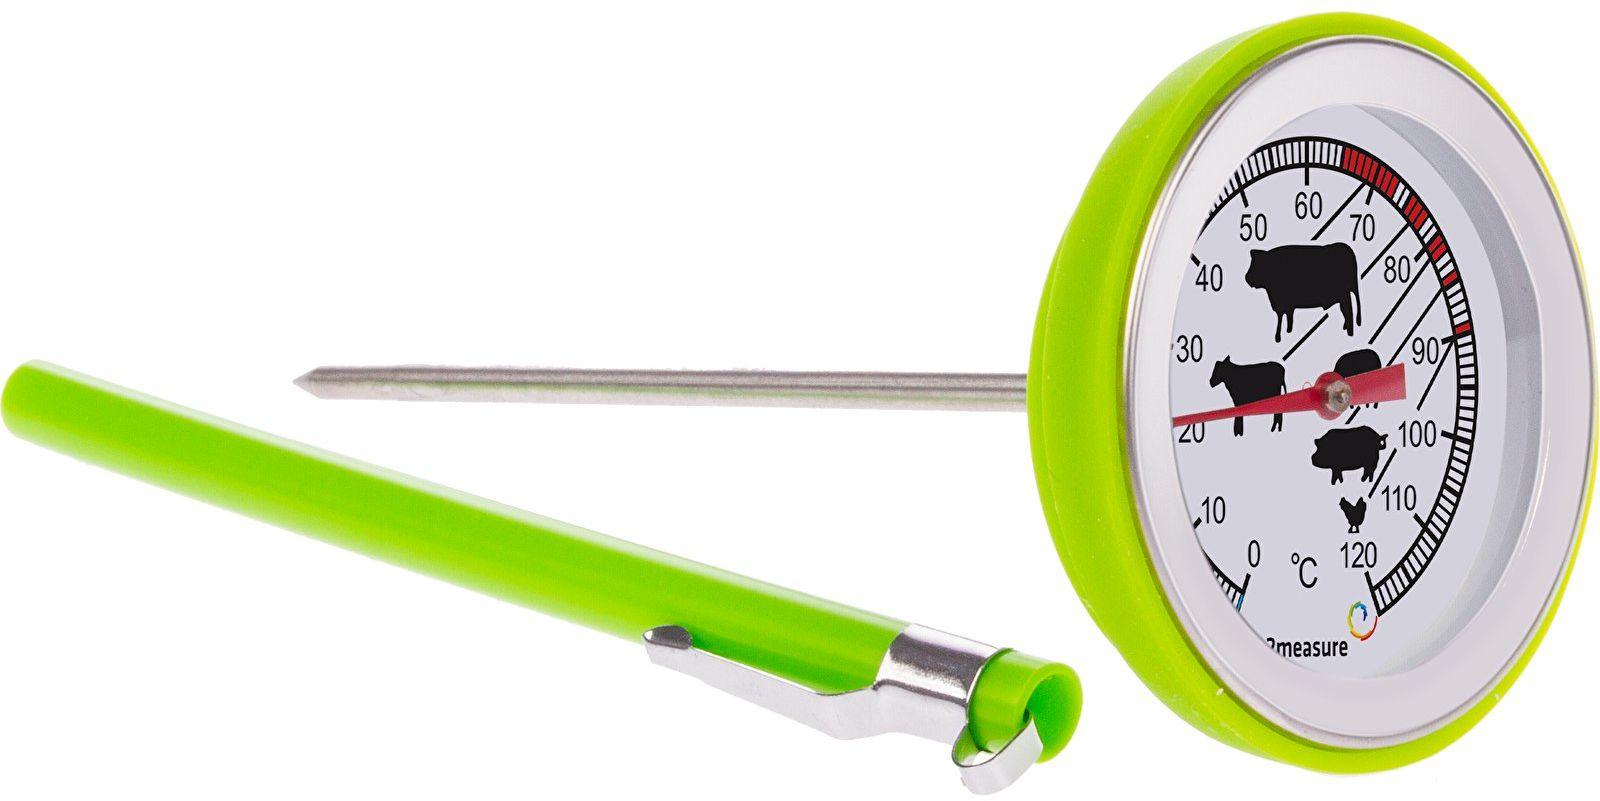 Termometr do pieczenia mięs 0-120 C